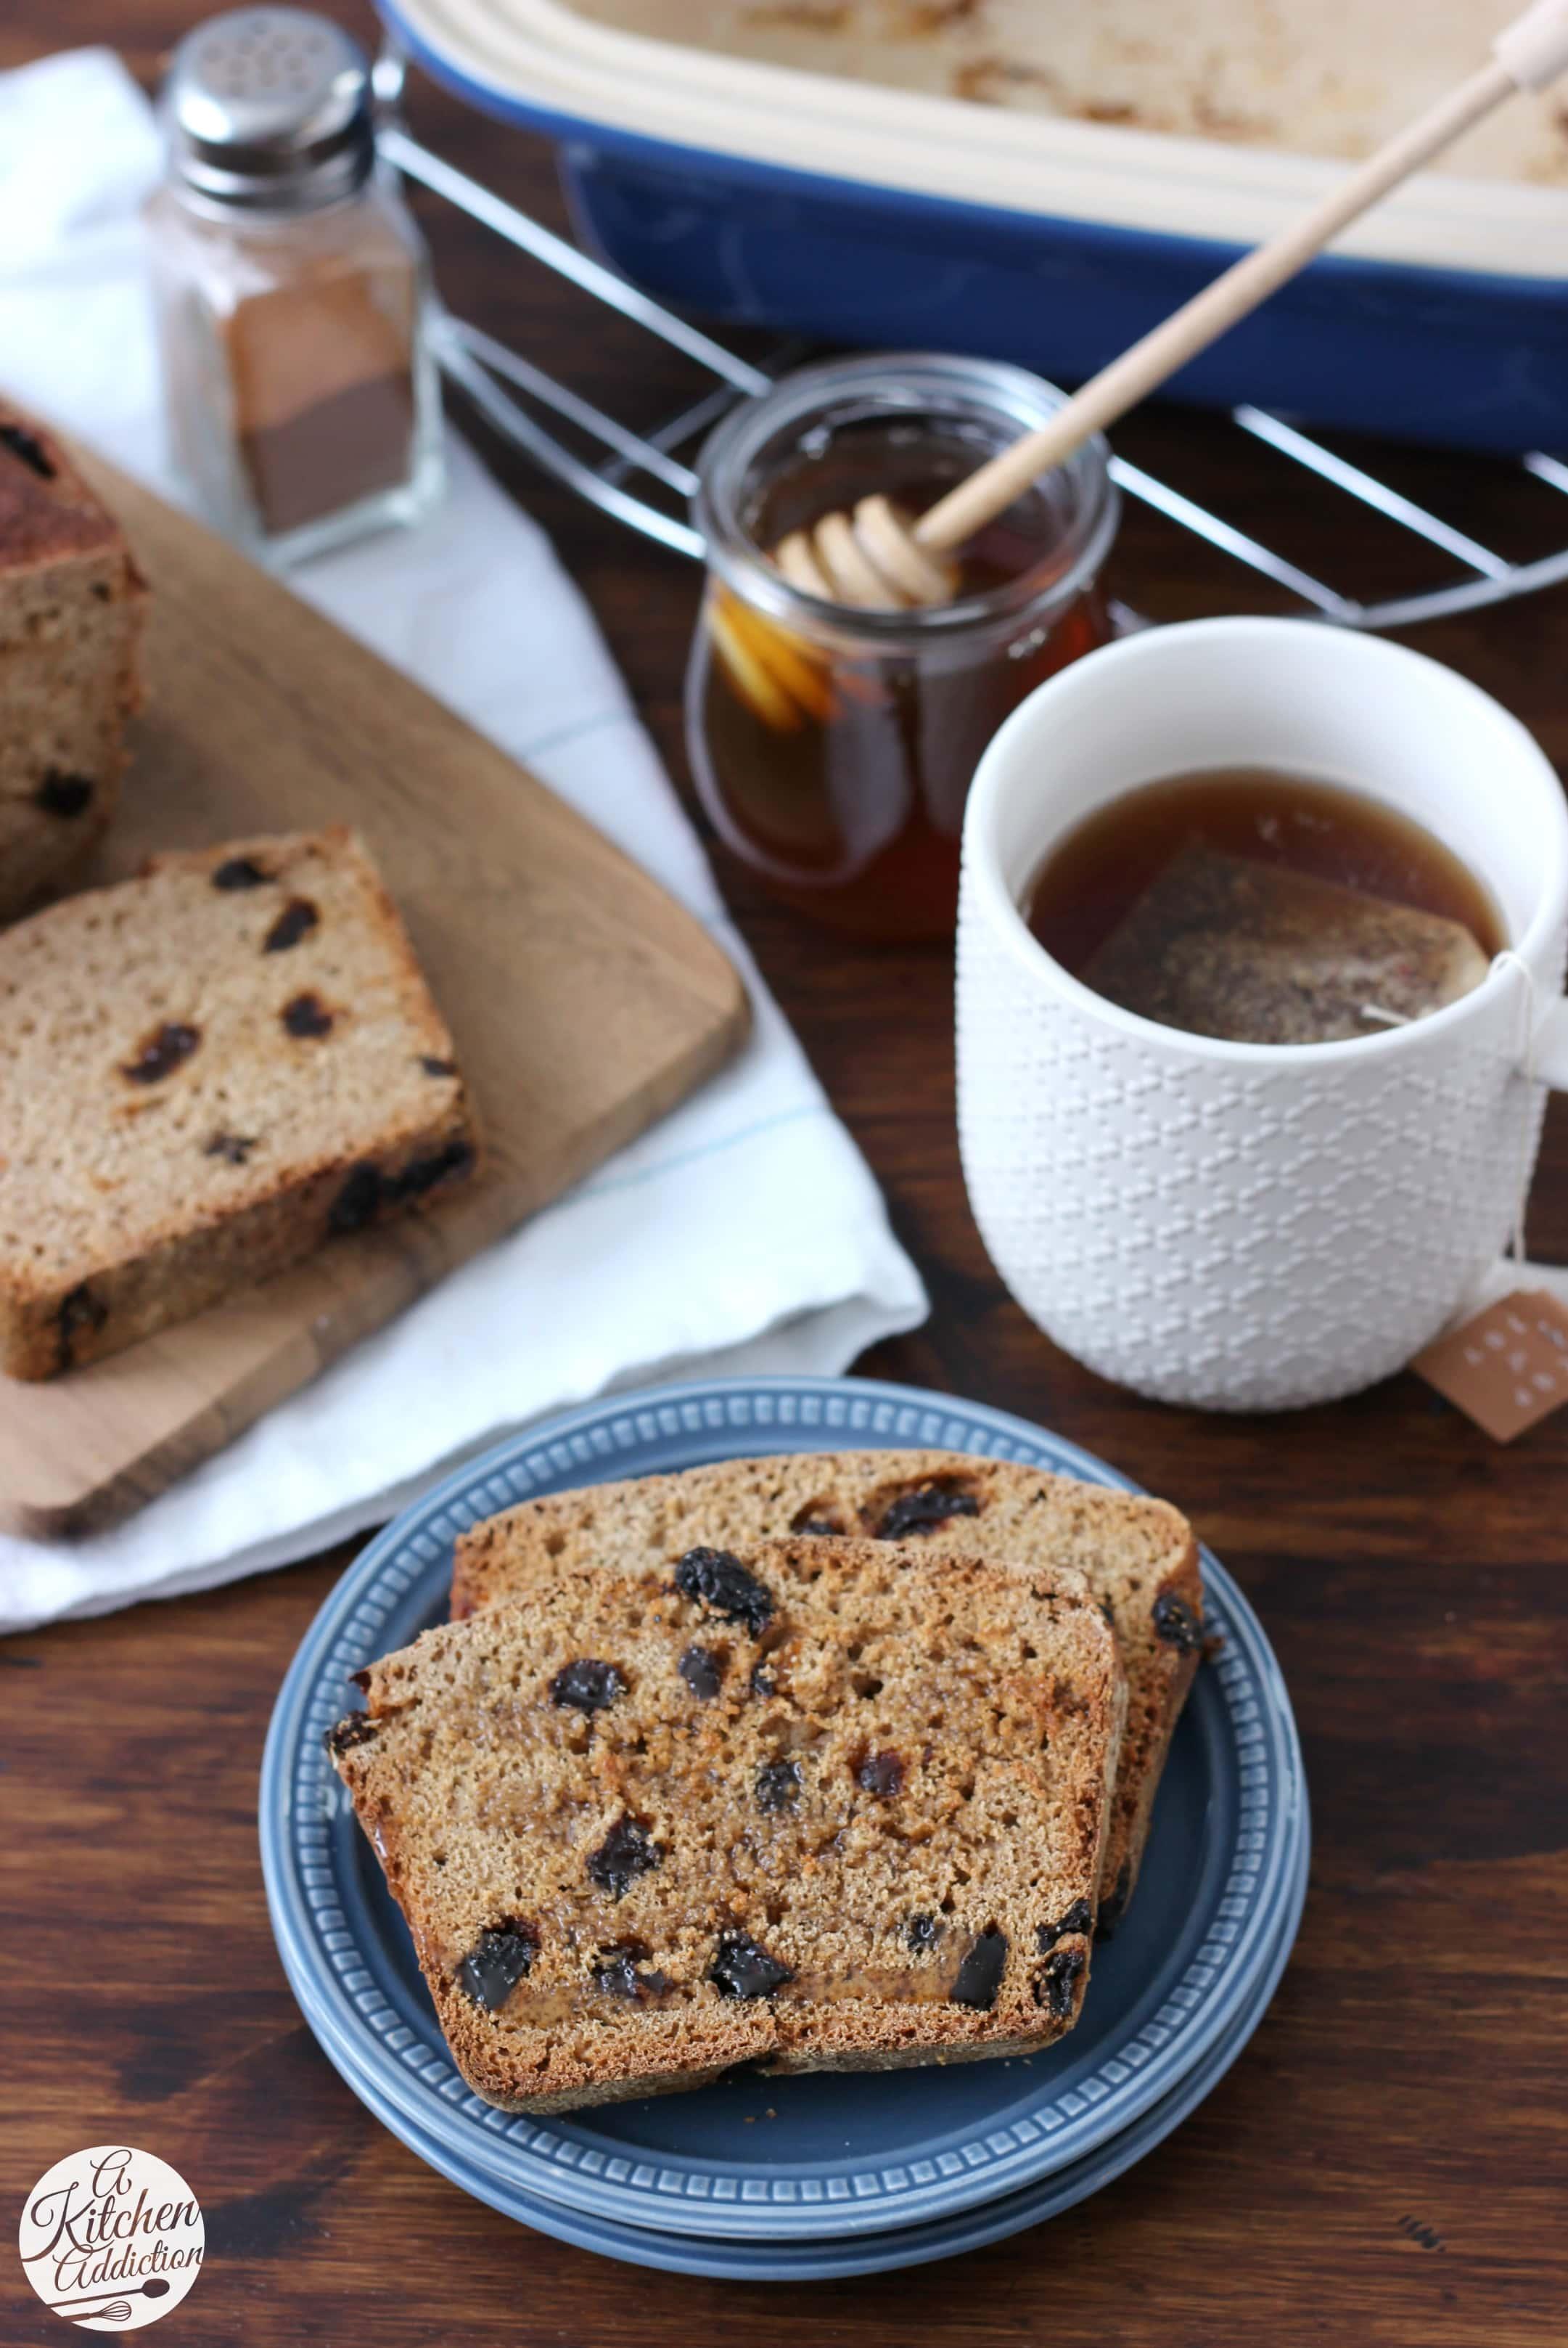 No Knead Cinnamon Raisin Honey Wheat English Muffin Bread Recipe from A Kitchen Addiction